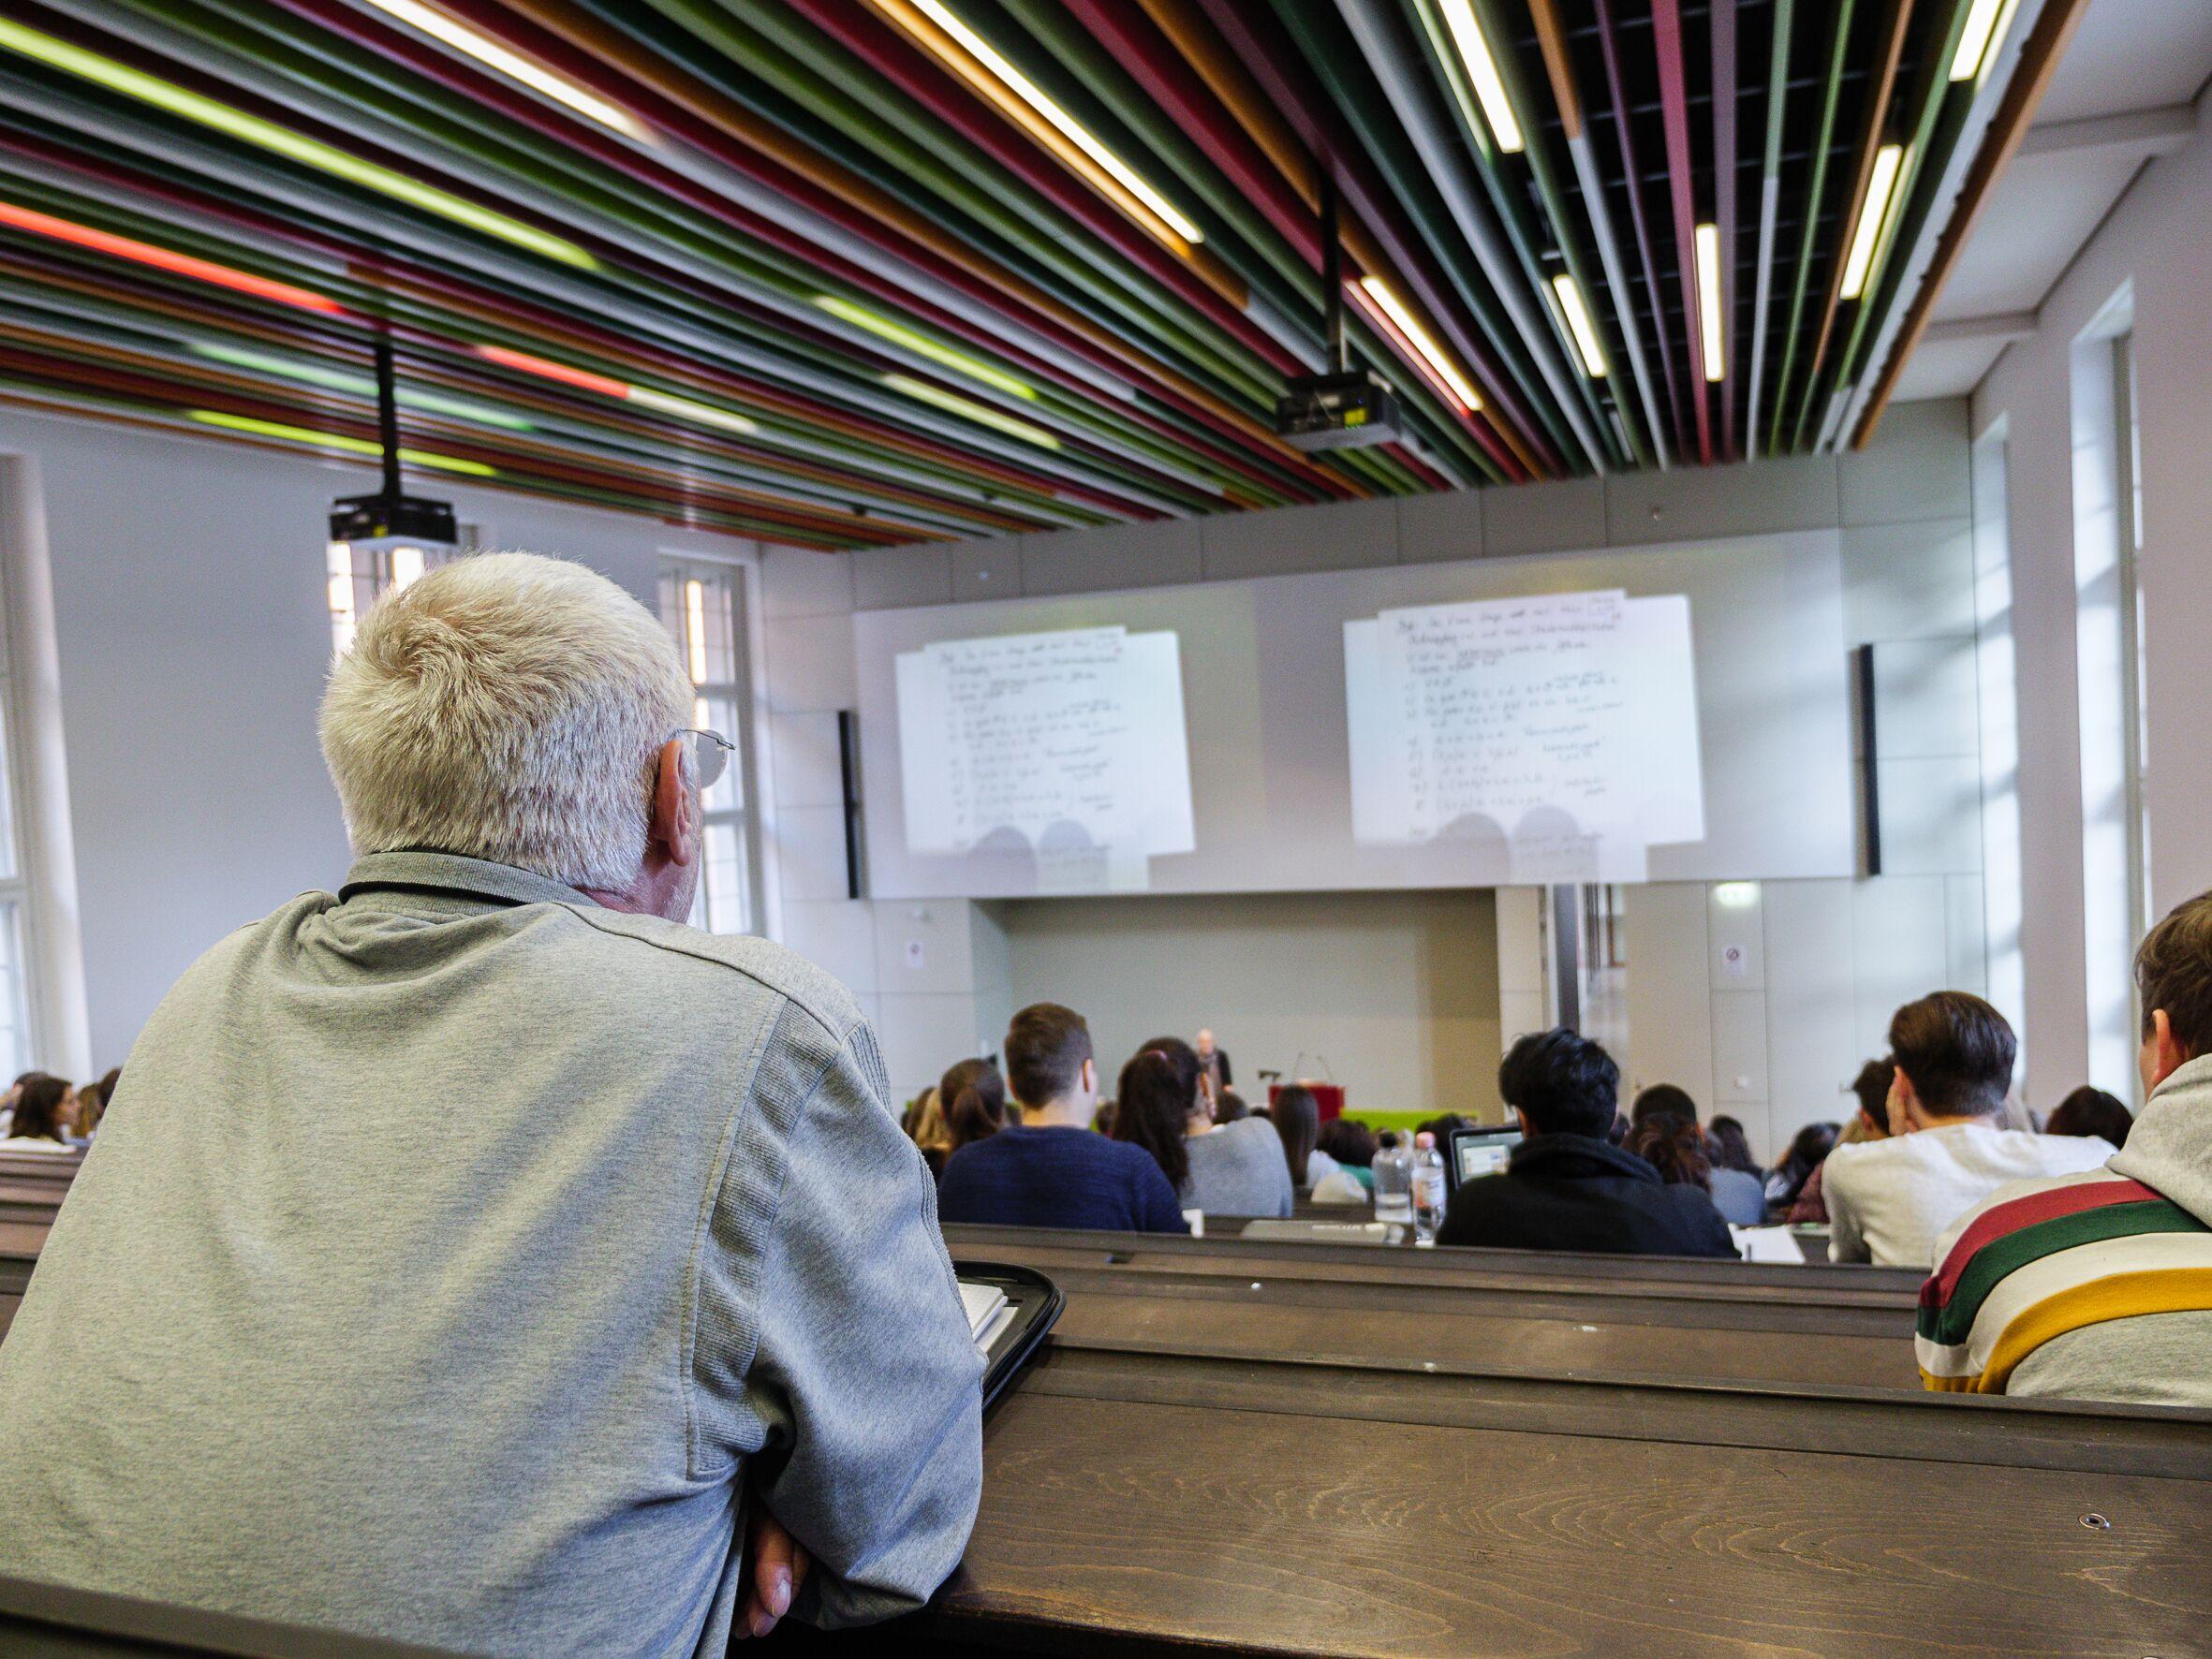 Die Zulassung zu Vorlesungen ist oft eine Frage der Kapazität. Foto: Adrian Roether